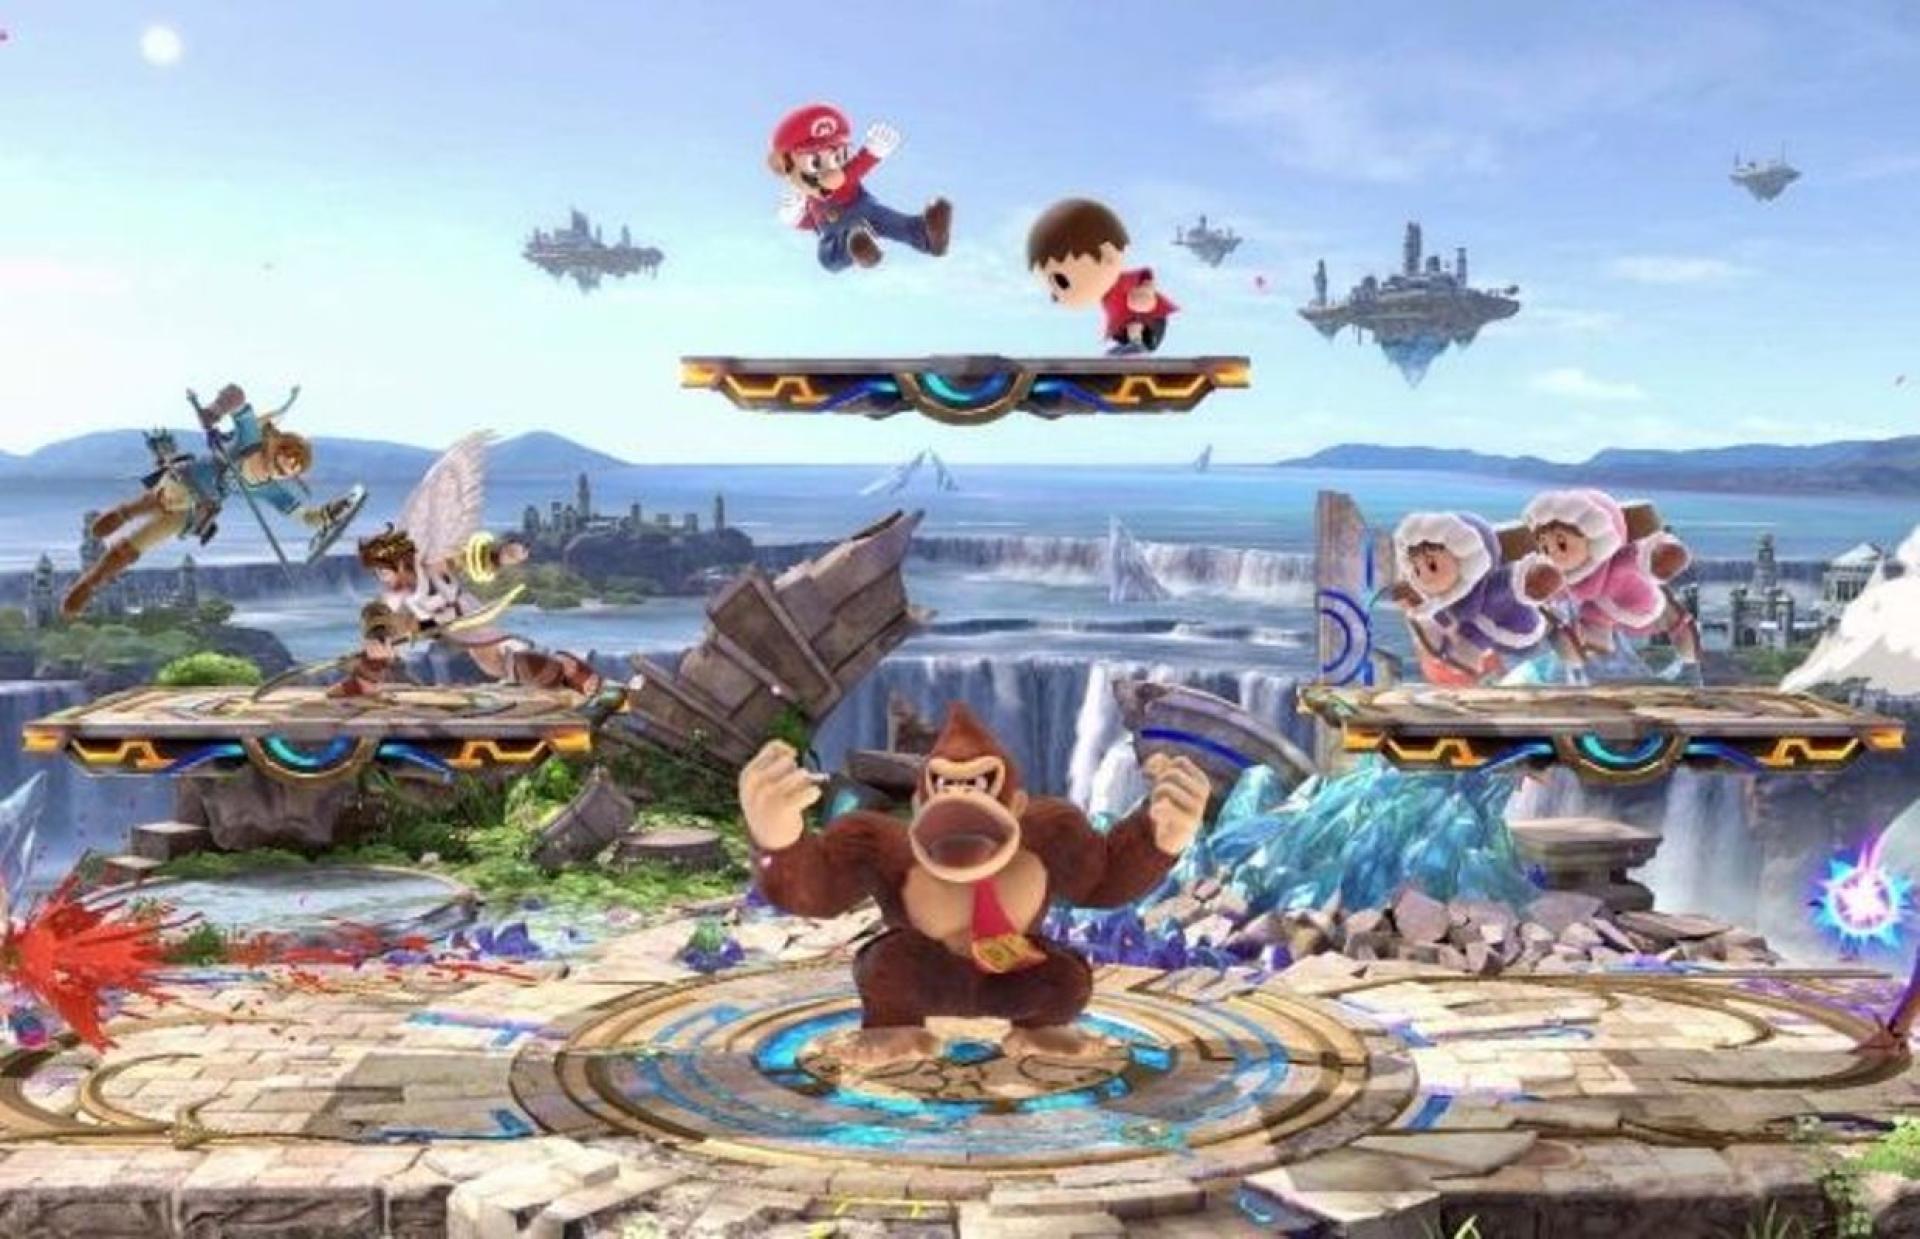 « Super Smash Bros. Ultimate», jeu de combat fourre-tout dégoulinant de cadeaux, a mis un pied en dehors du ring. Comme ça, sans raison. L'accident bête.